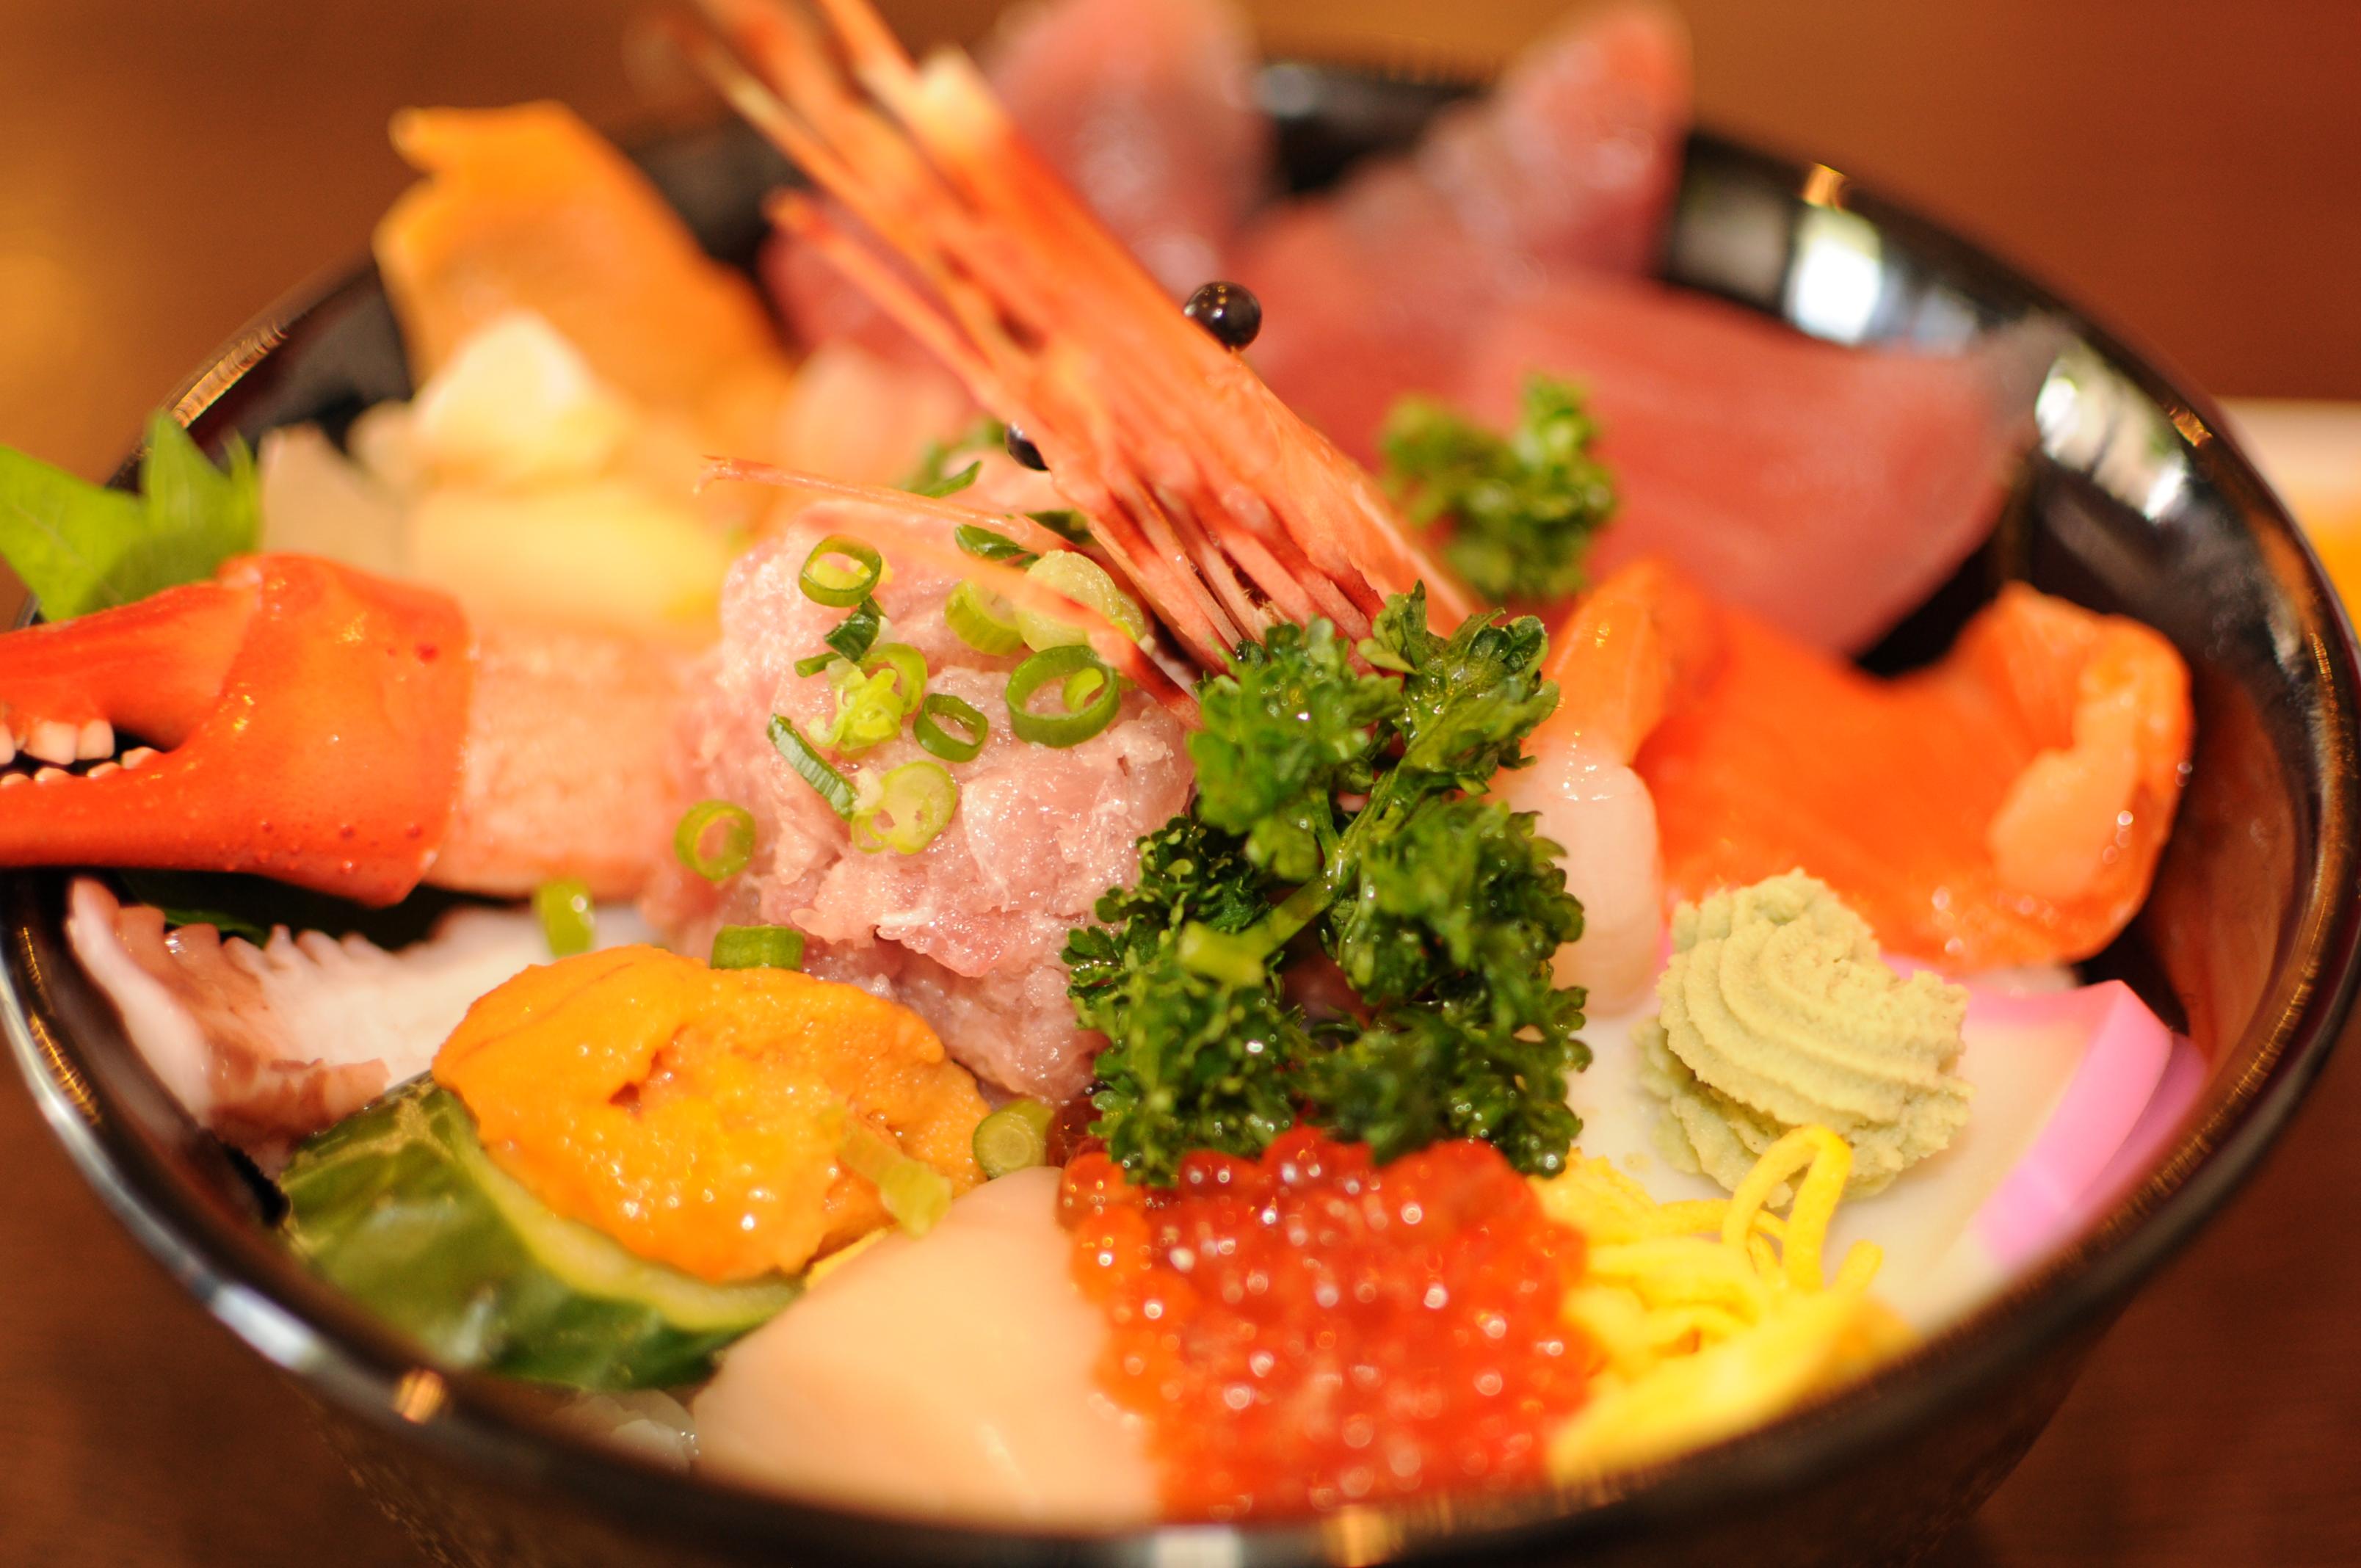 鳥取が水産で有名って知ってた?おいしい海鮮丼のお店をご紹介!のサムネイル画像